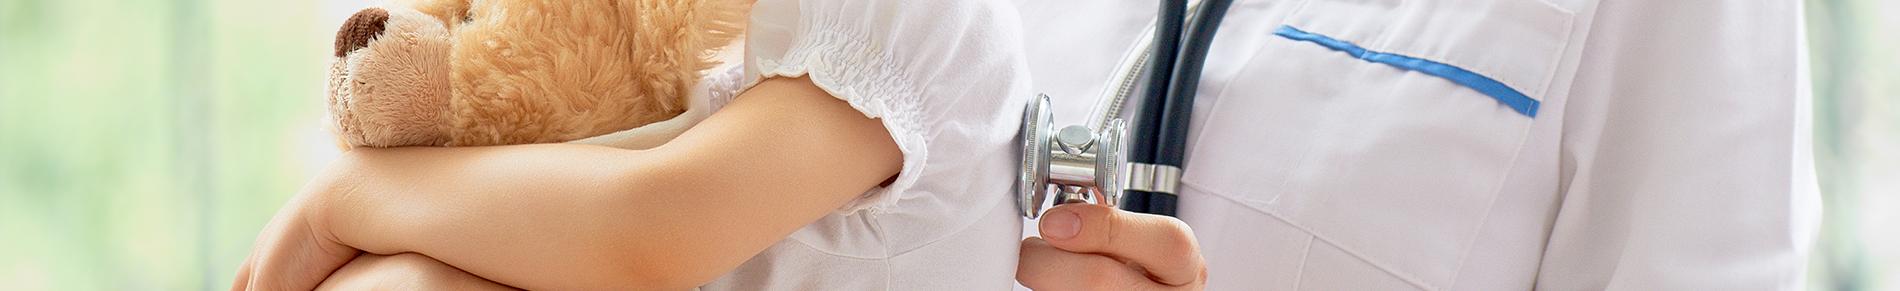 Kinderärztin | Kinderarzt 1030 Wien | Dr. Zala Gruber